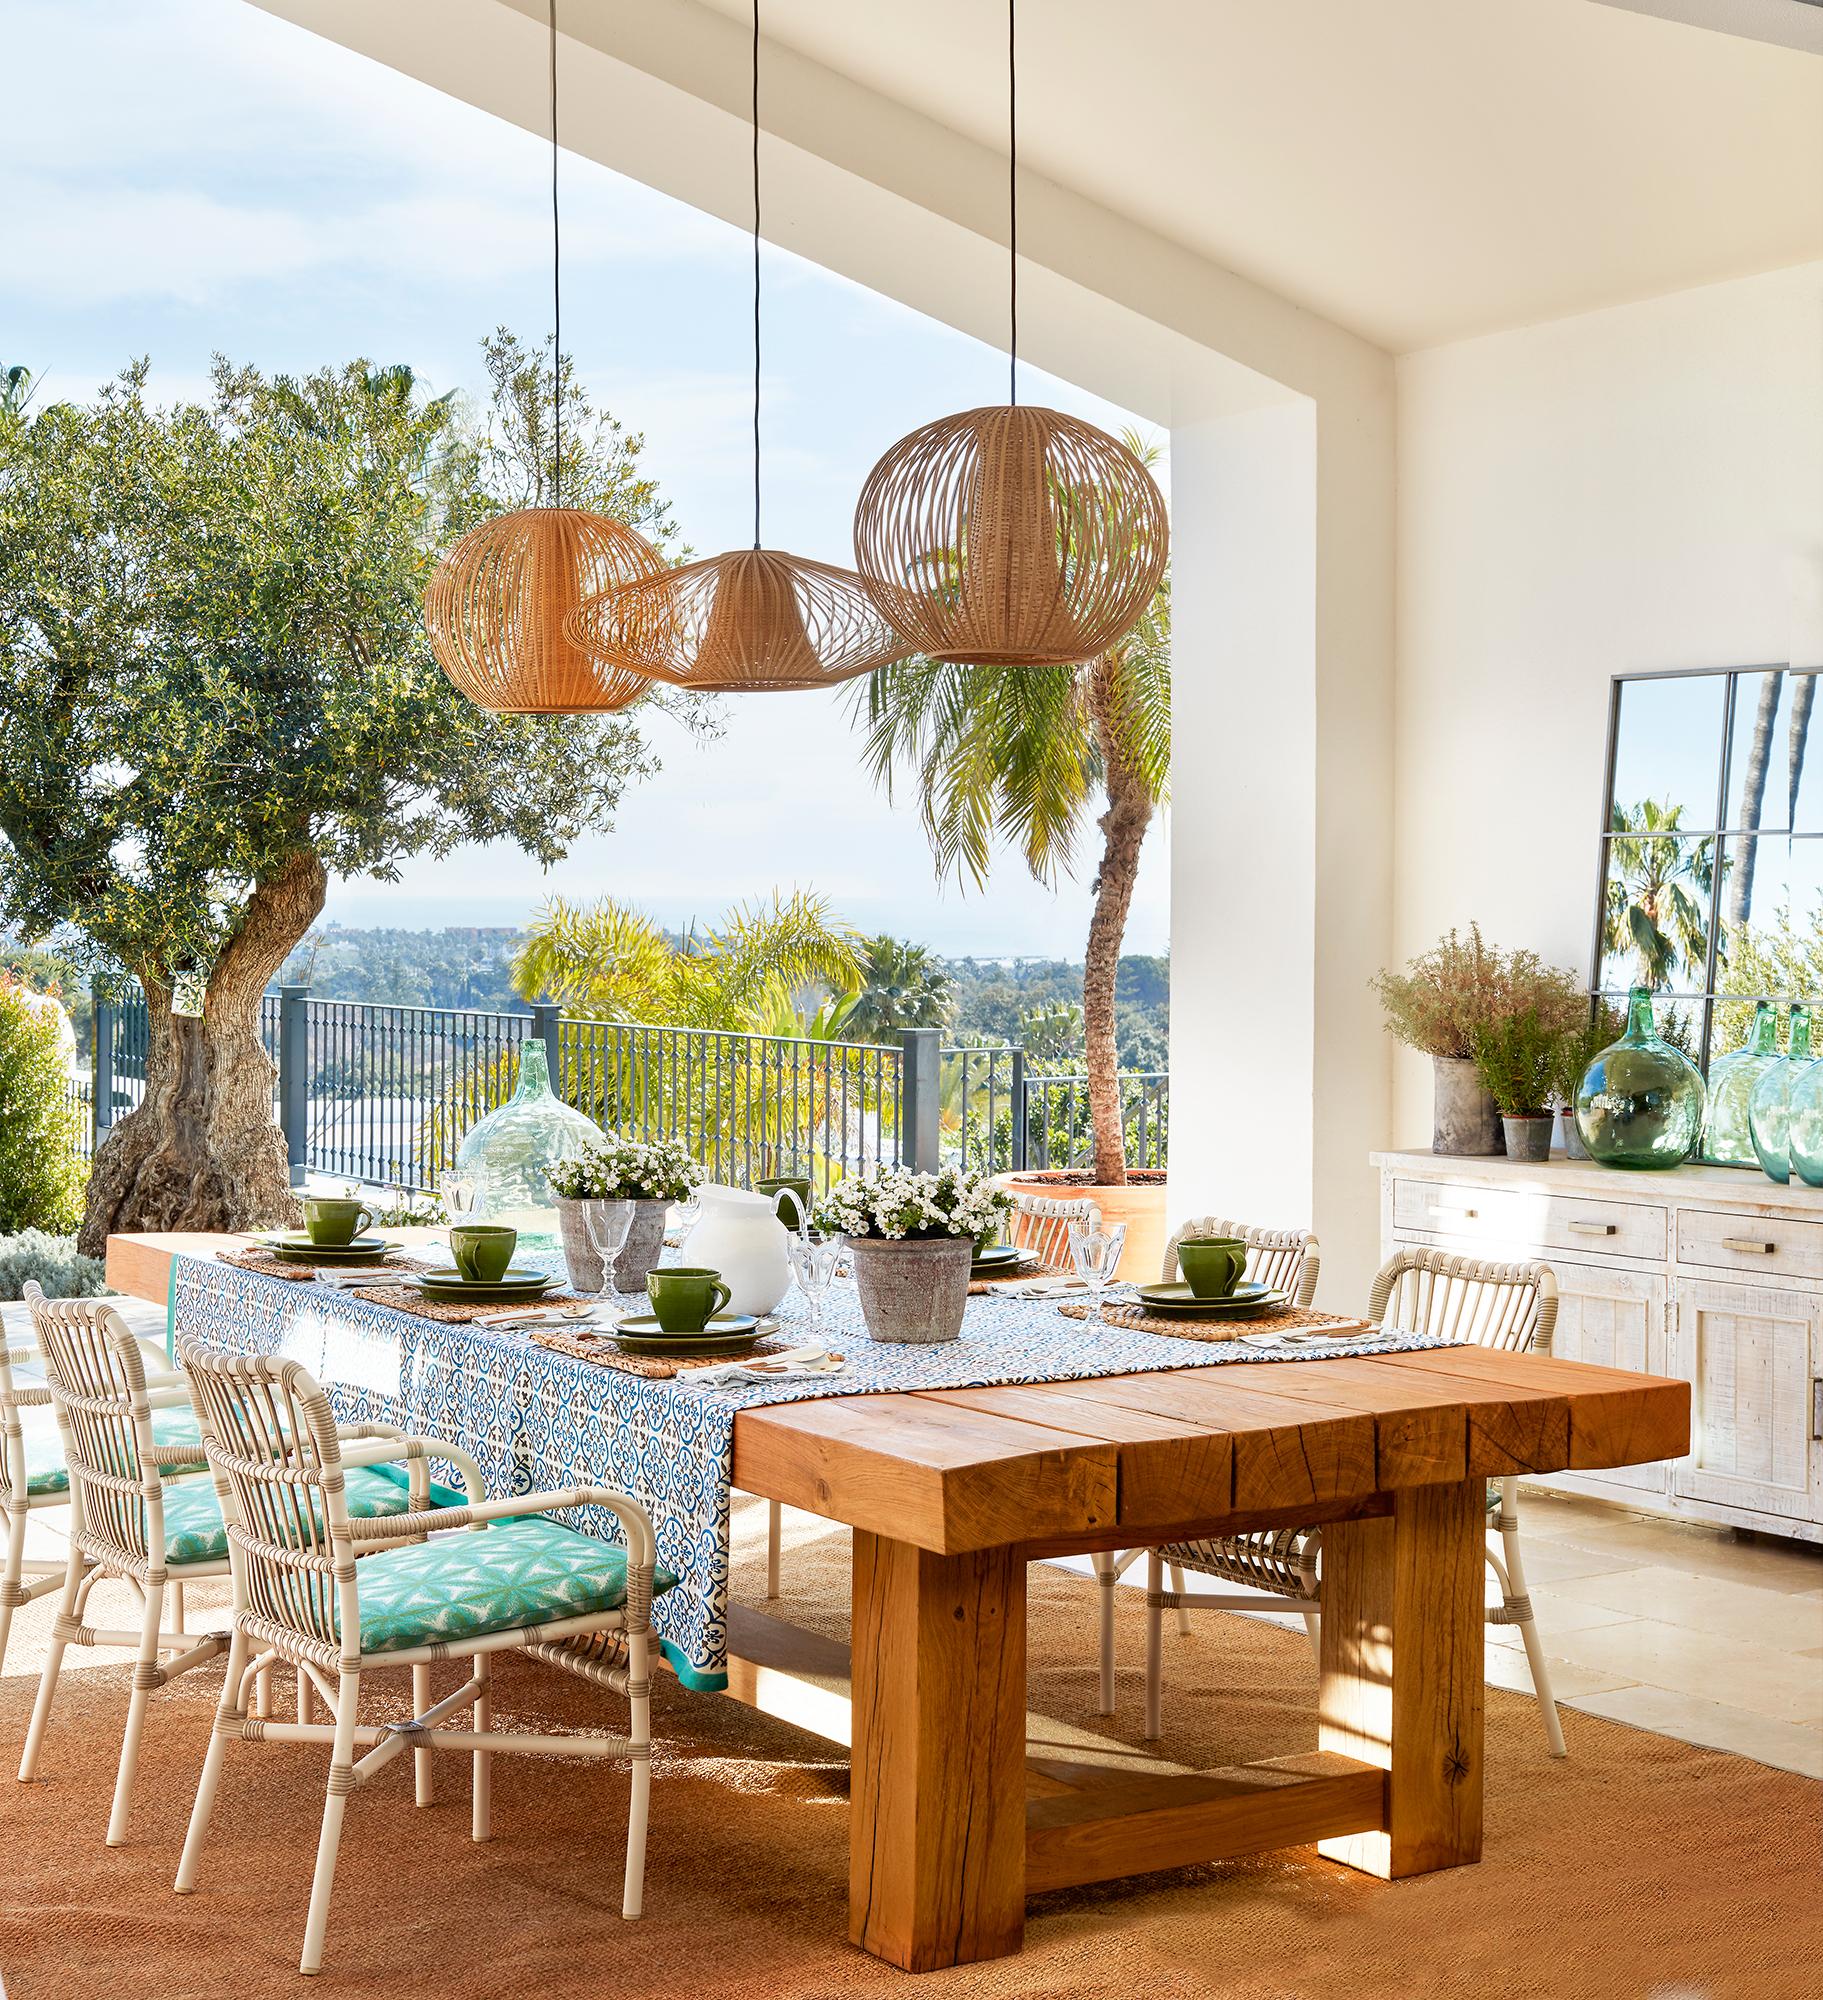 Mesas de madera rusticas para exterior affordable mesas y muebles de exterior de forja with - Mesas de exterior de madera ...